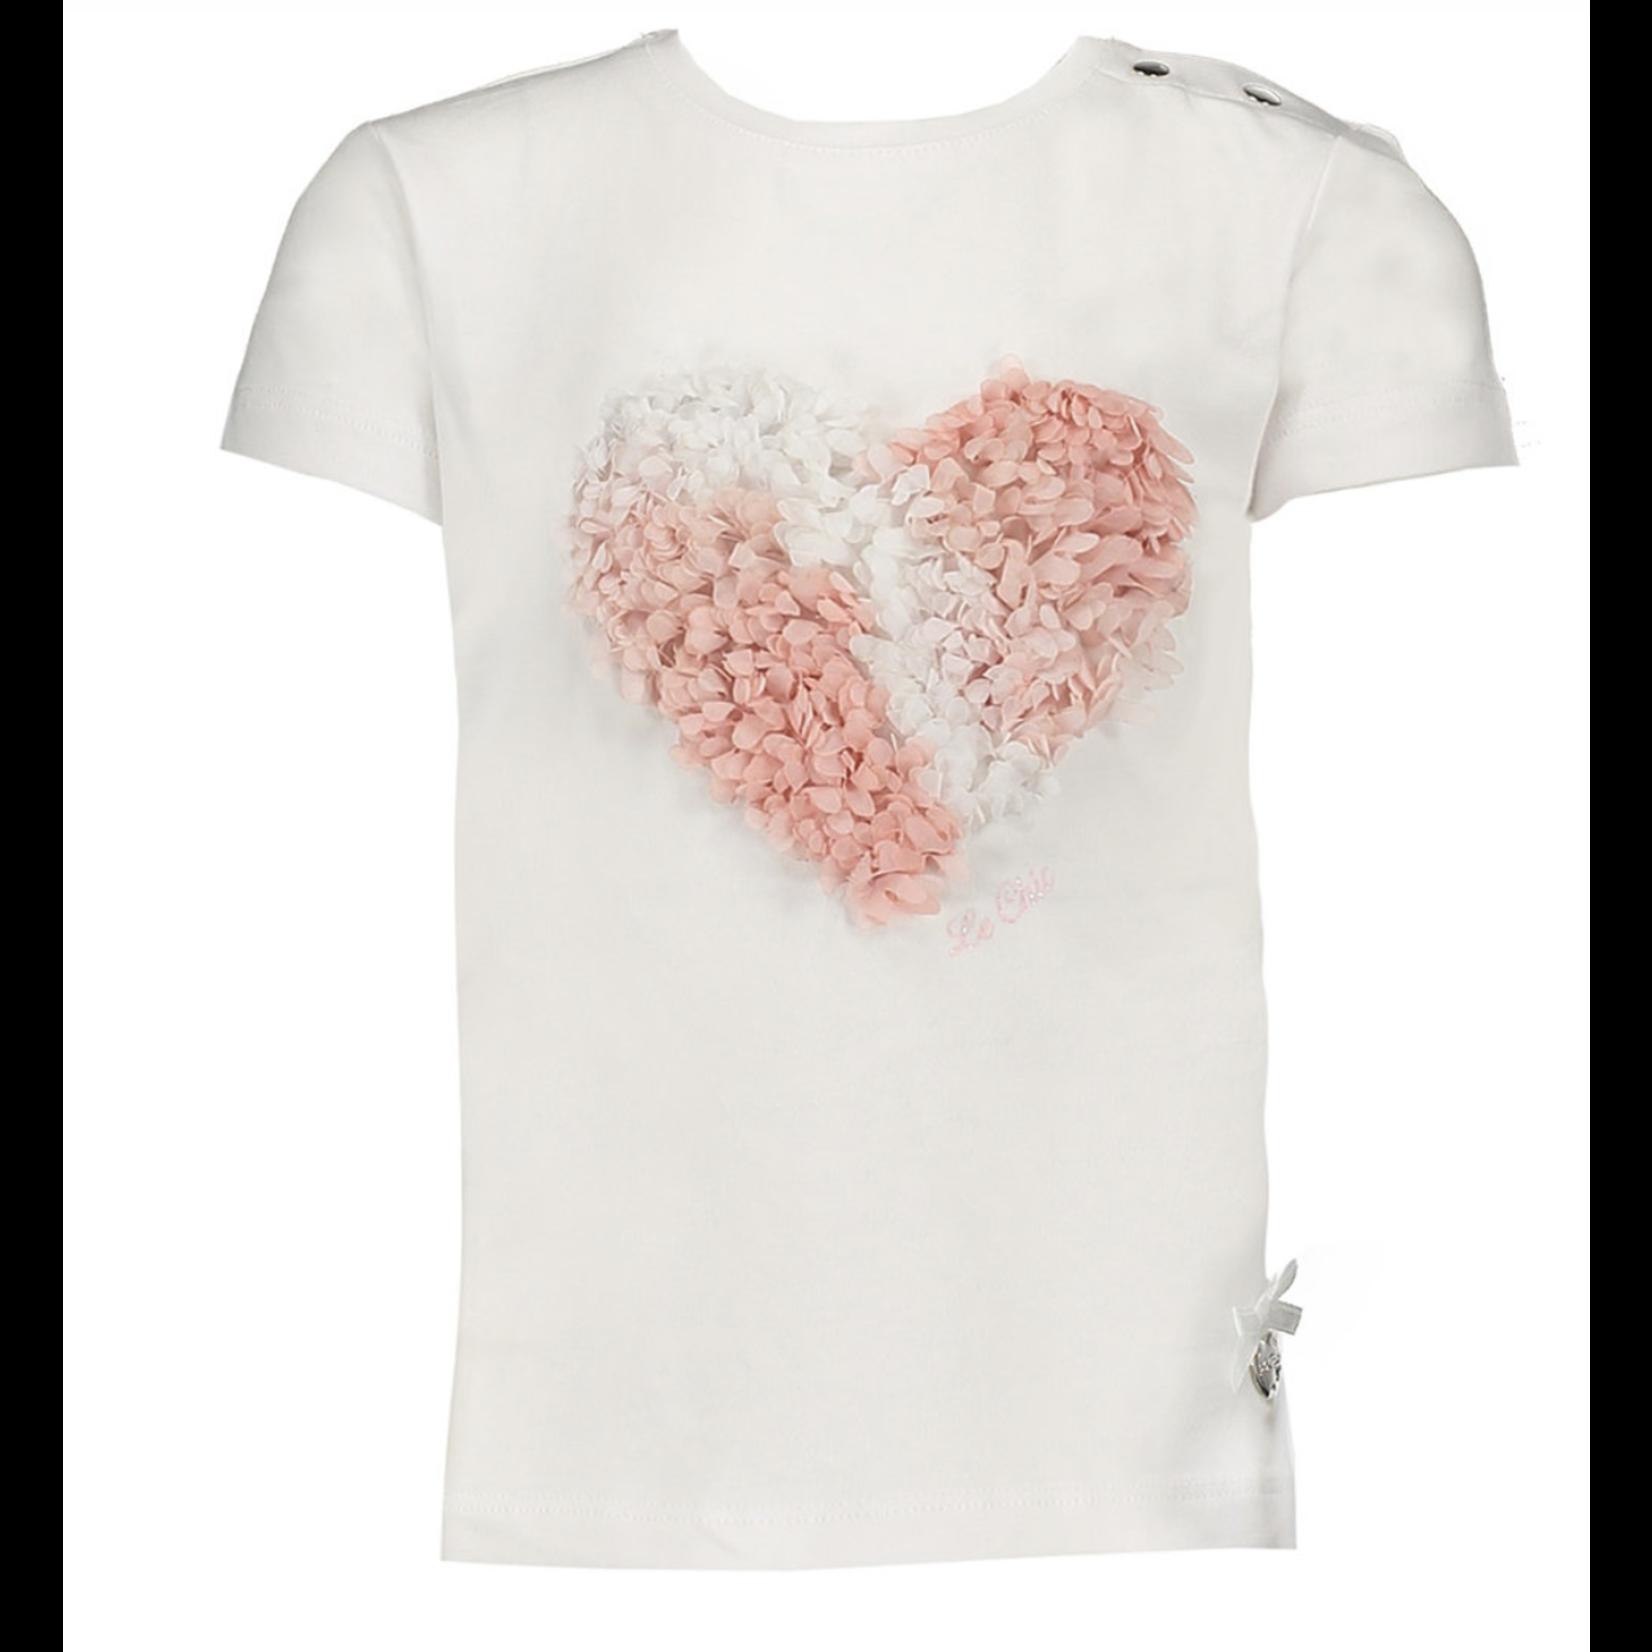 Le Chic T-shirt cotton 3D heart